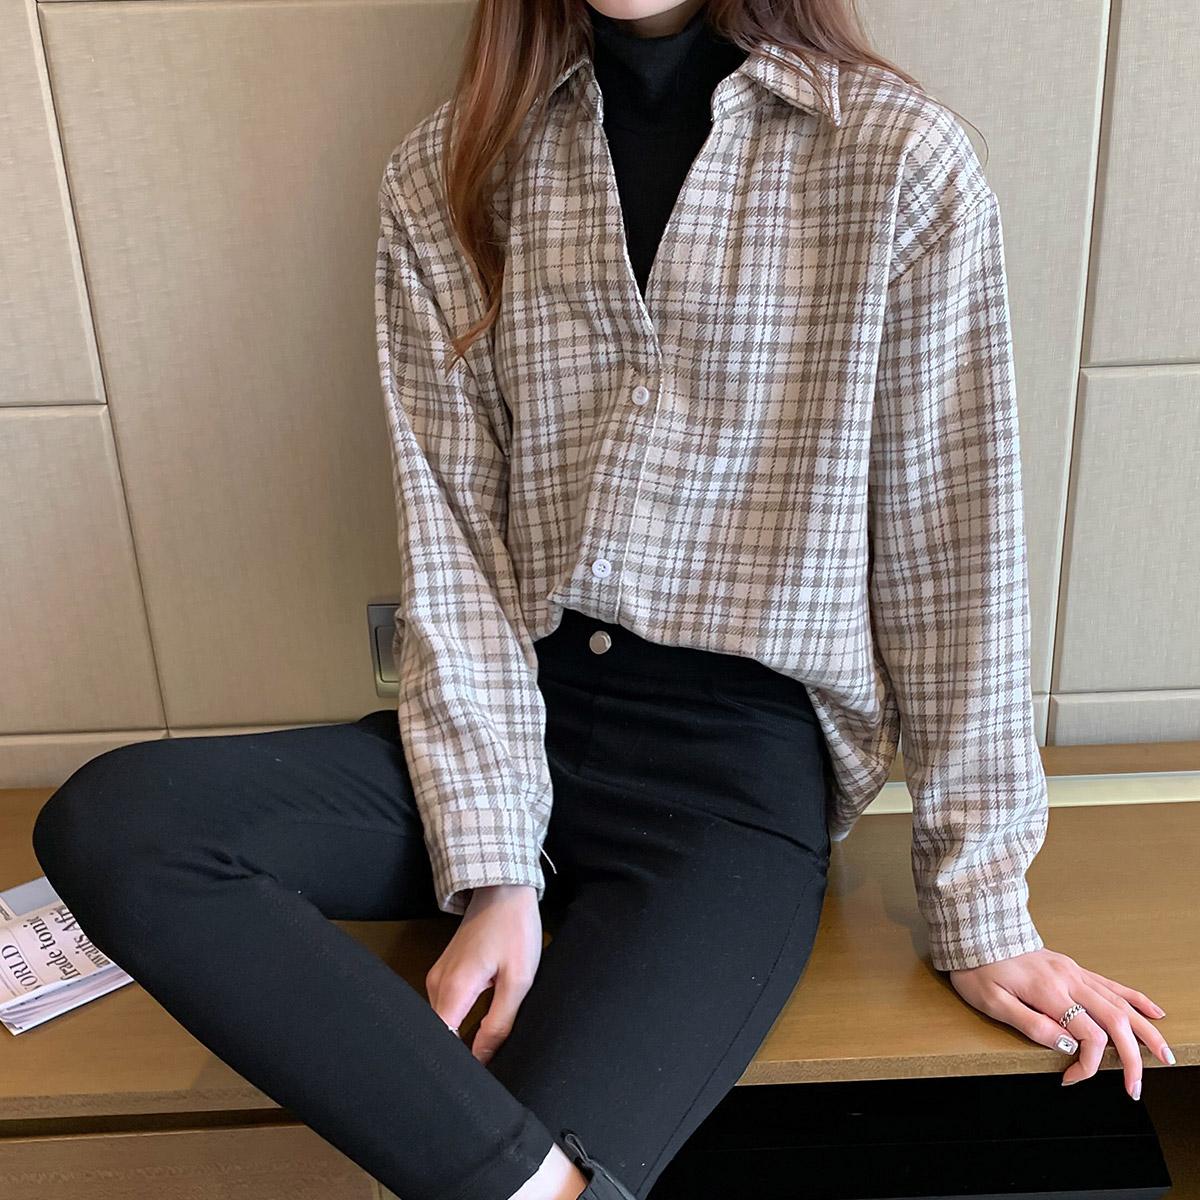 实拍 格子衬衫女2021年新款复古假两件长袖加厚衬衣宽松上衣 3556